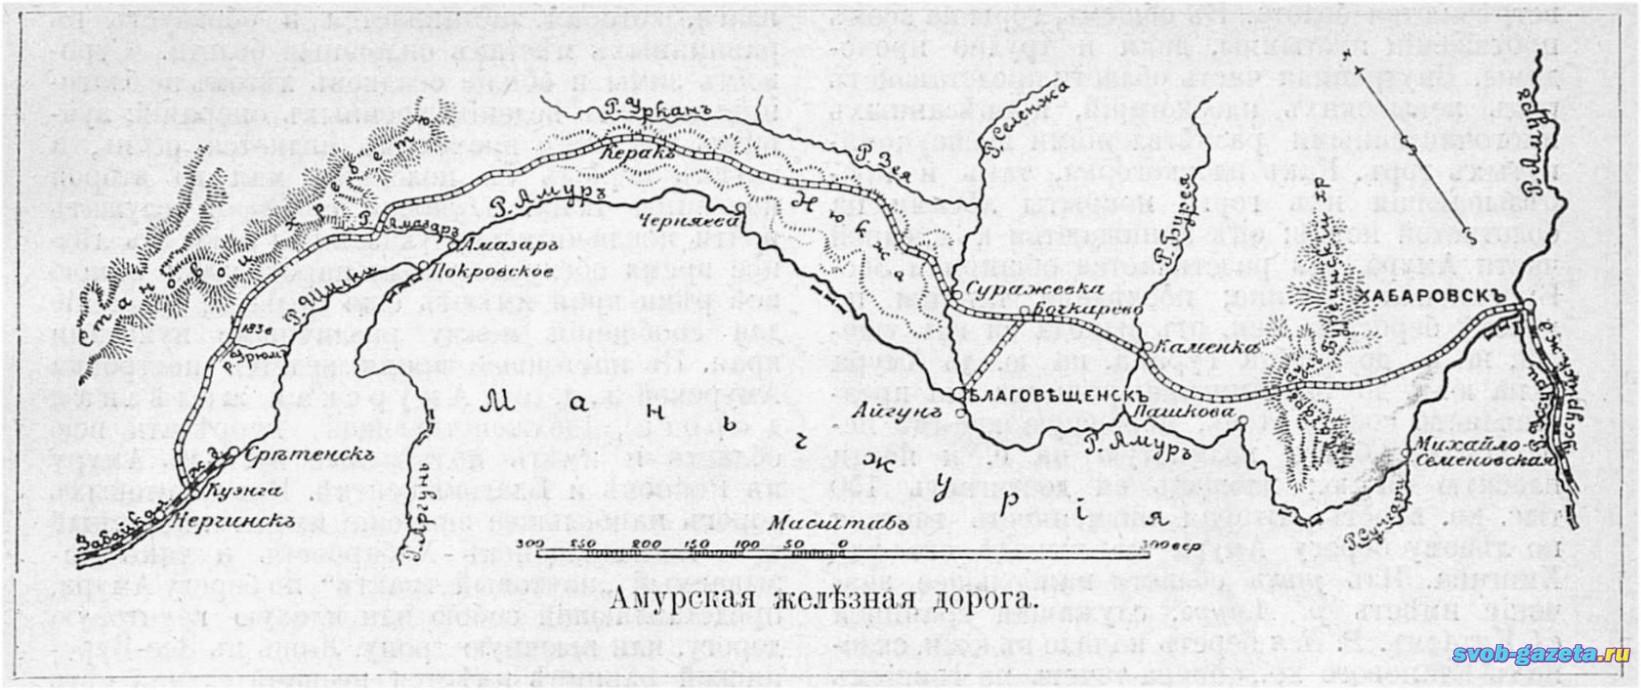 участок Амурской железной дороги